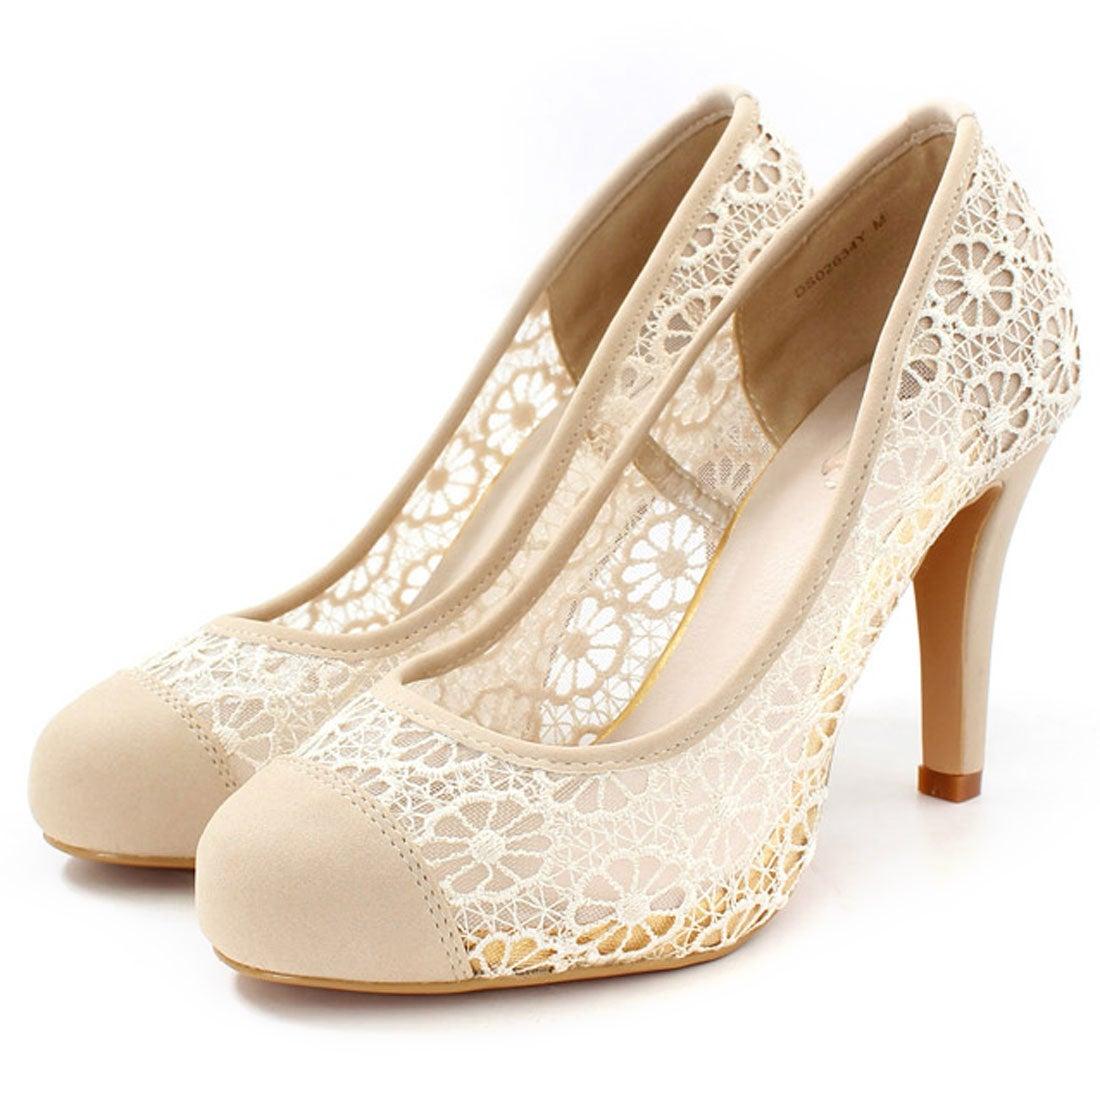 ランダ RANDA トゥキャップレースマテリアルパンプス(ベージュ) ,靴とファッションの通販サイト ロコンド